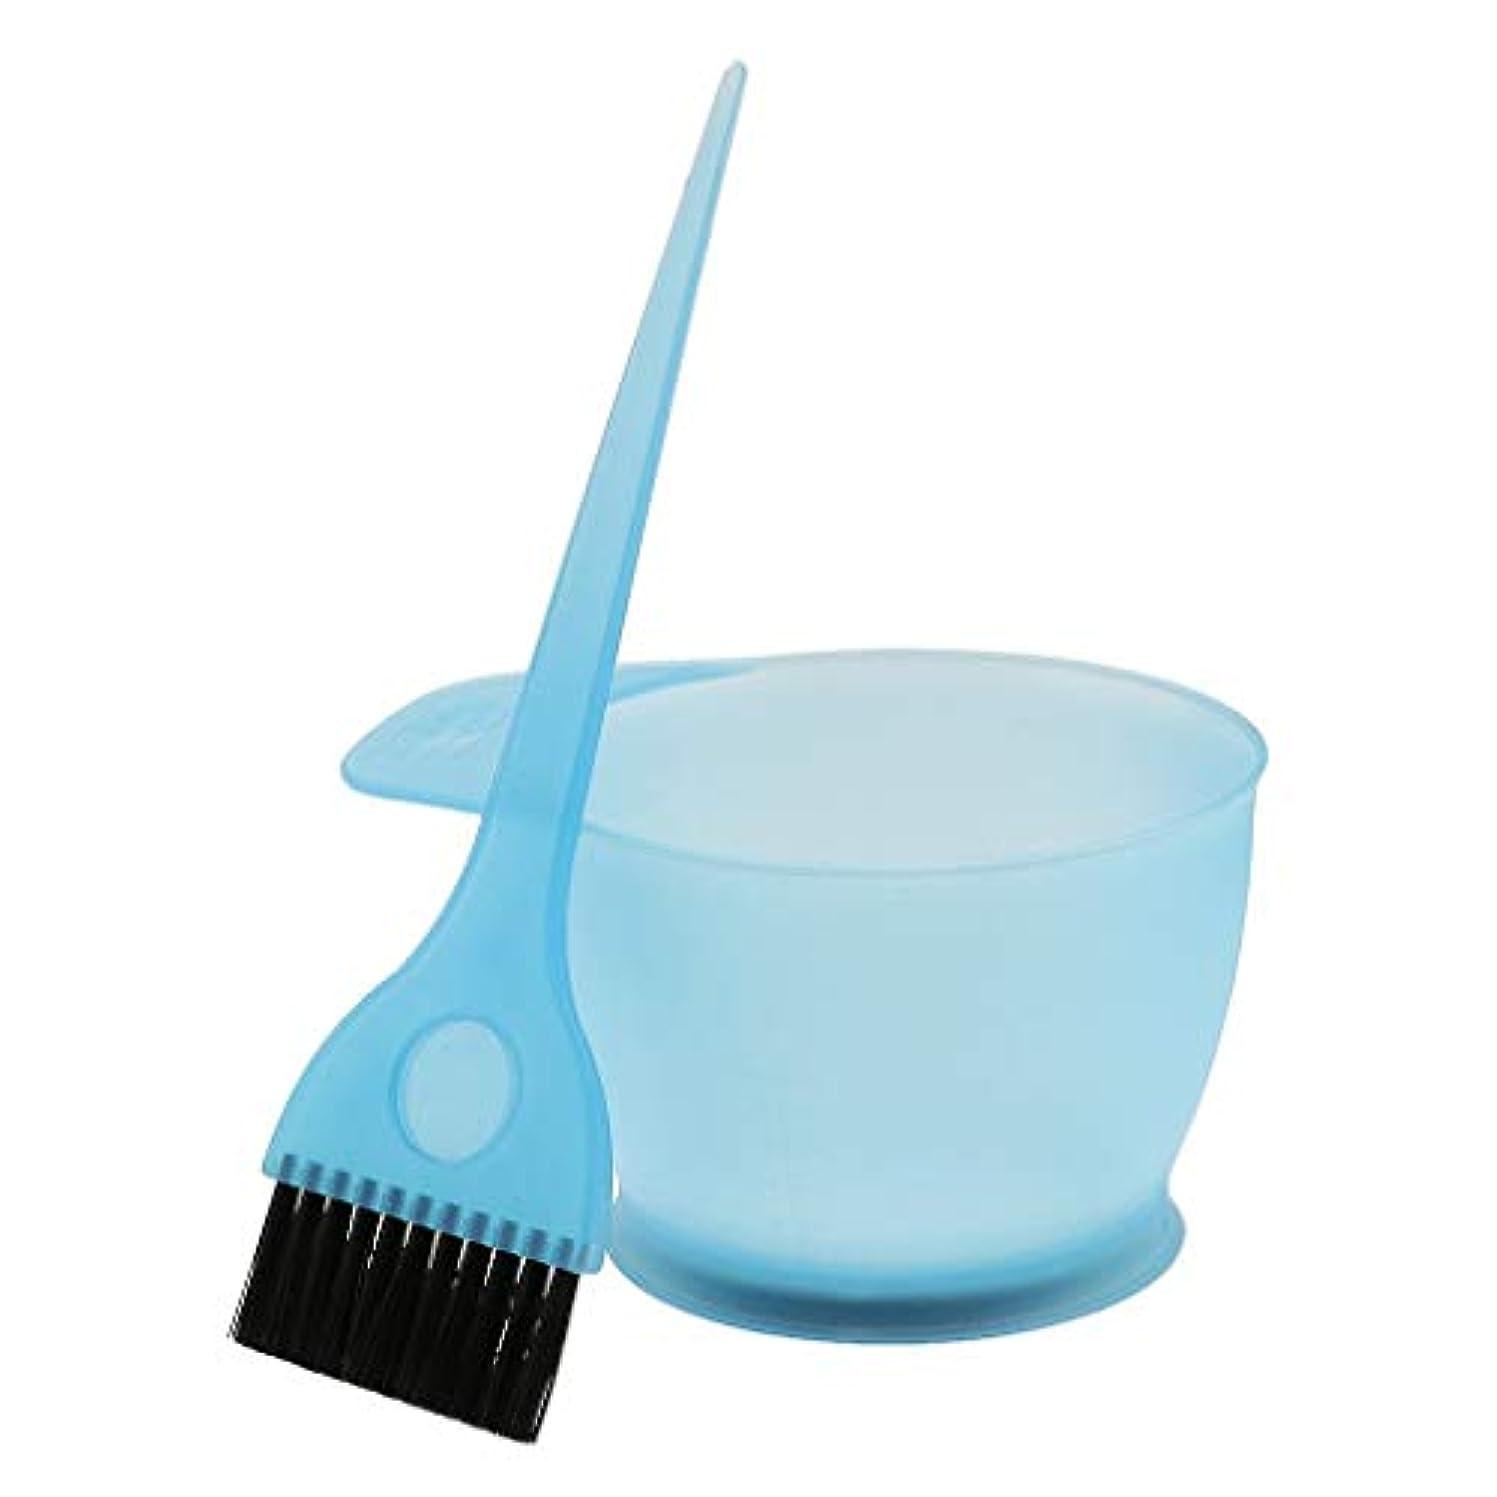 どちらかまろやかな空美容院に合う髪染料ボウルブラシセット理髪色合いブリーチツール (ブルー)